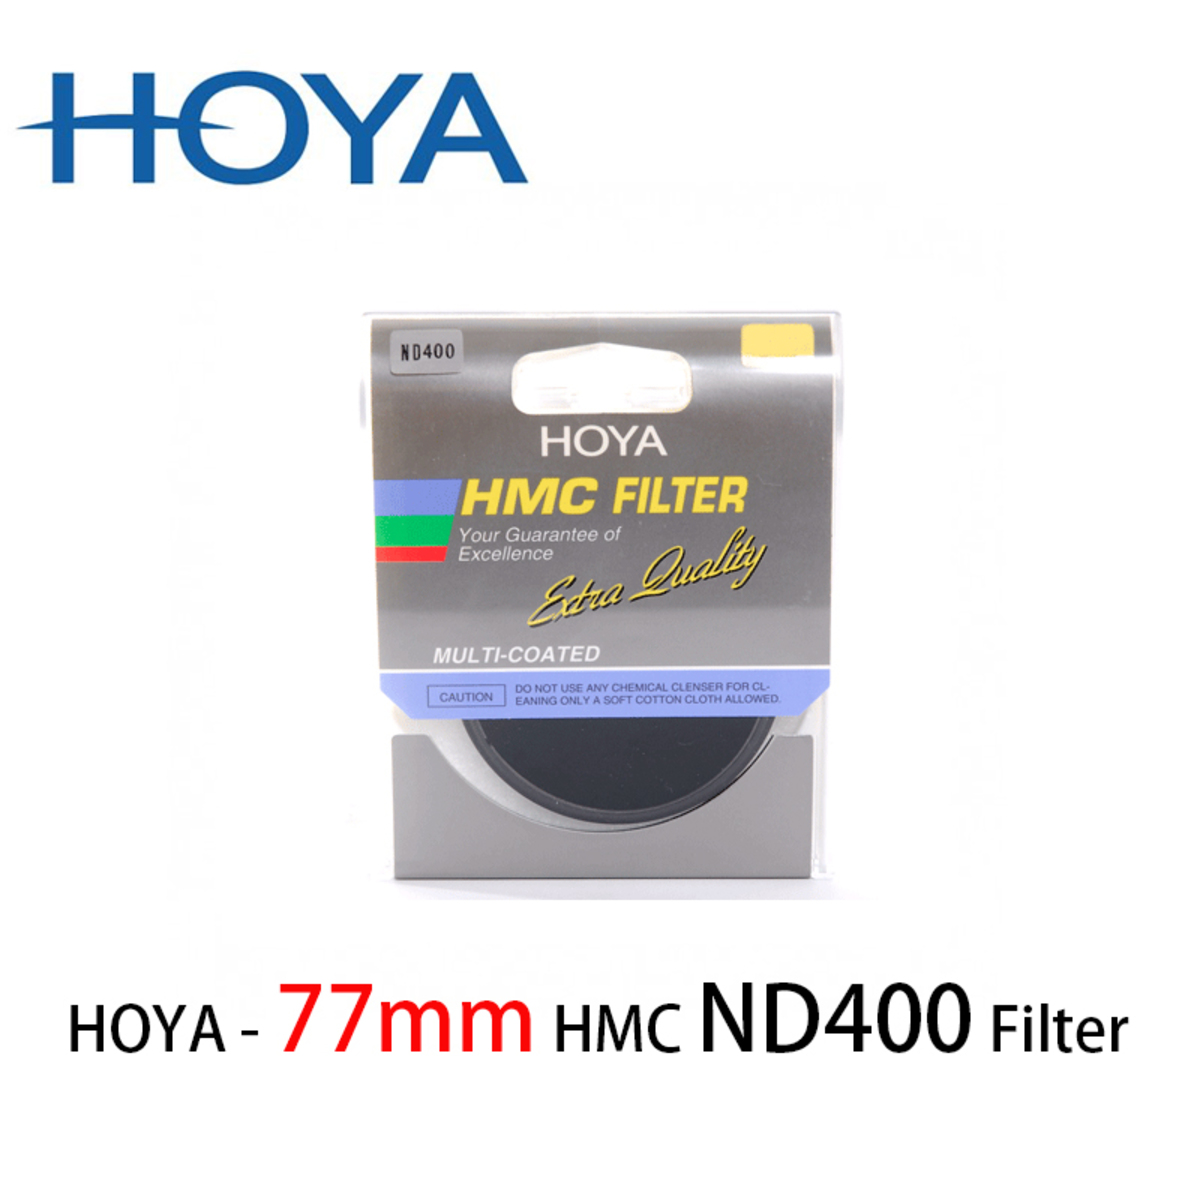 77mm HMC ND400 Filter